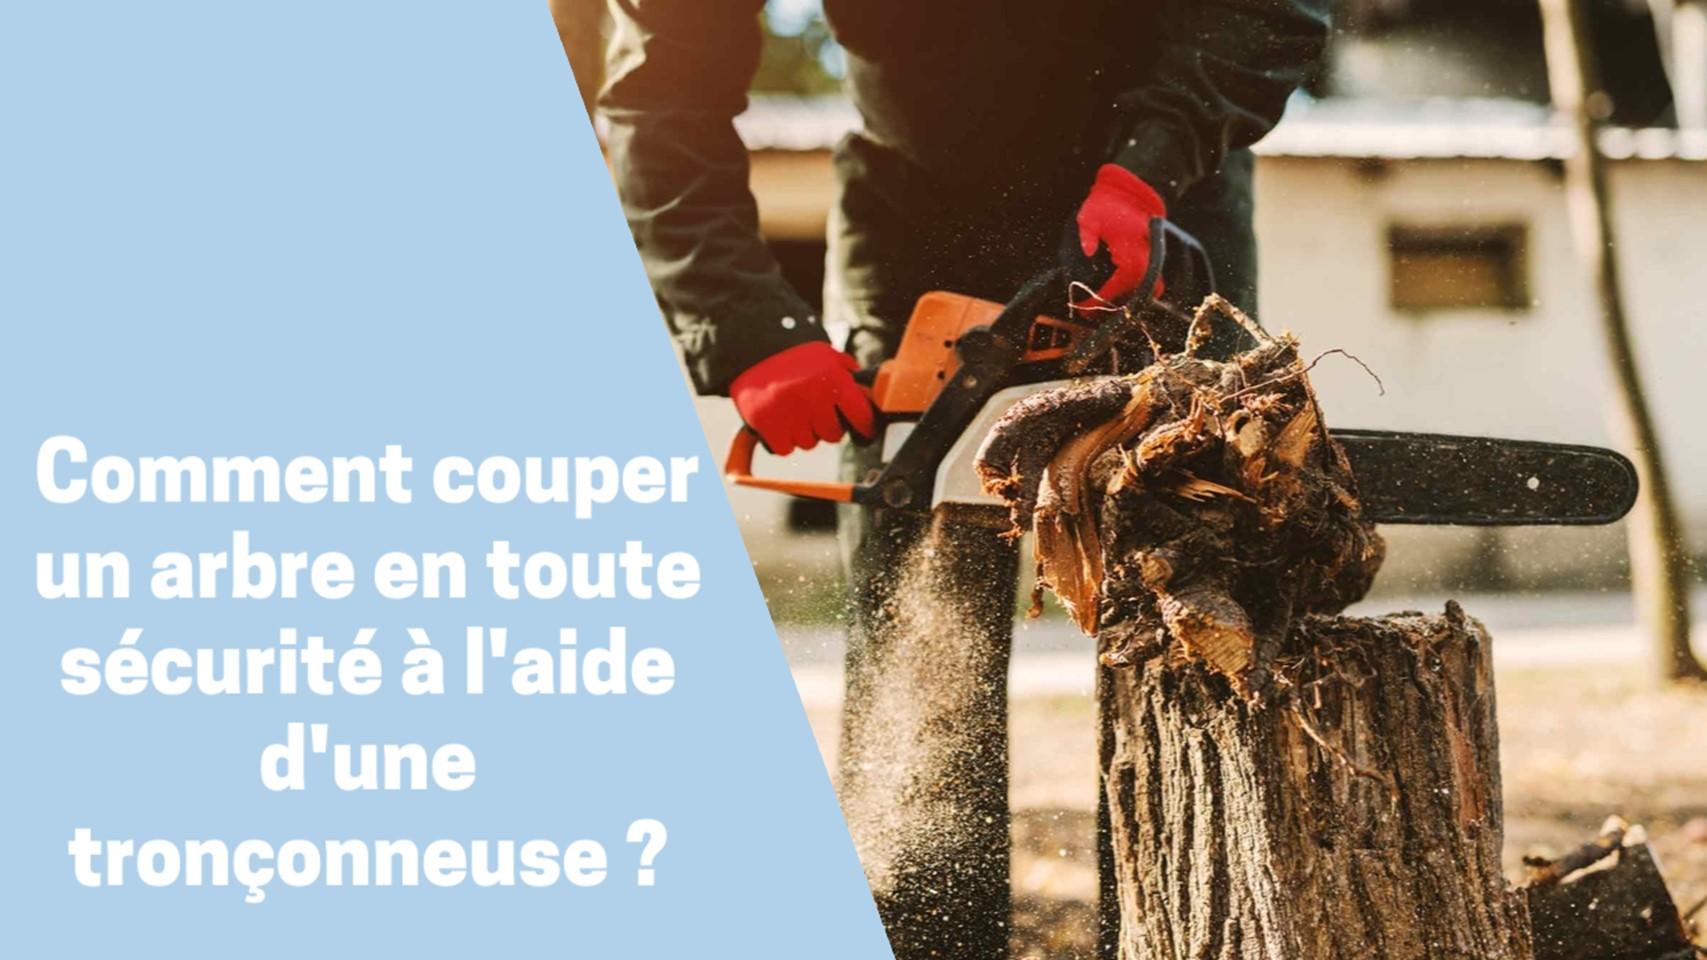 Comment couper un arbre en toute sécurité à l'aide d'une tronçonneuse ?